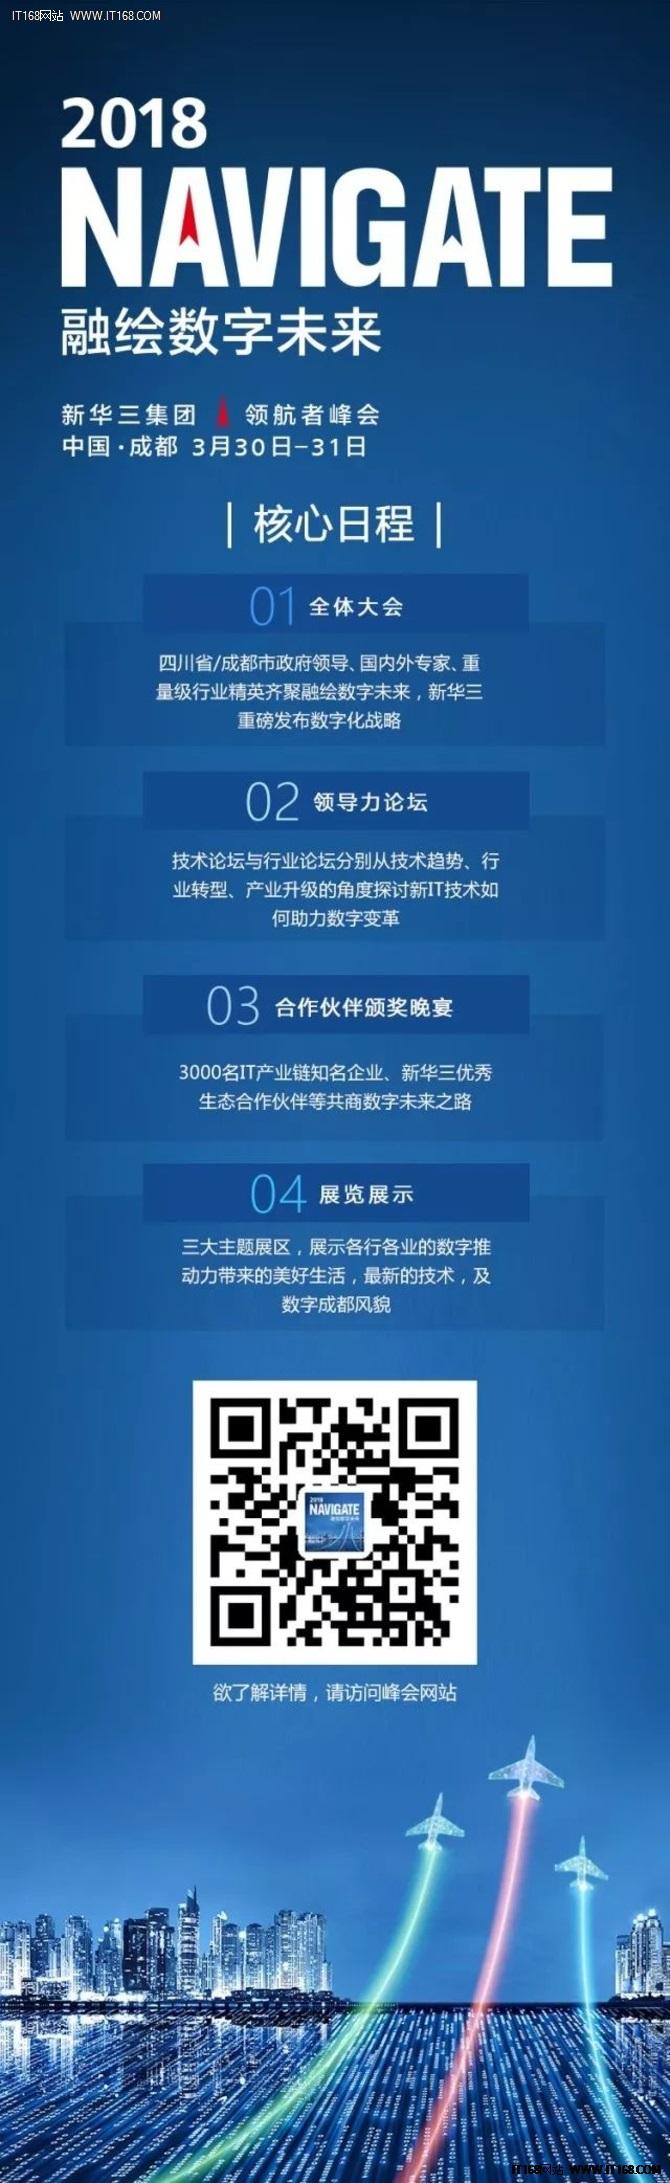 相约蓉城,相聚H3C2018 Navigate领航者峰会